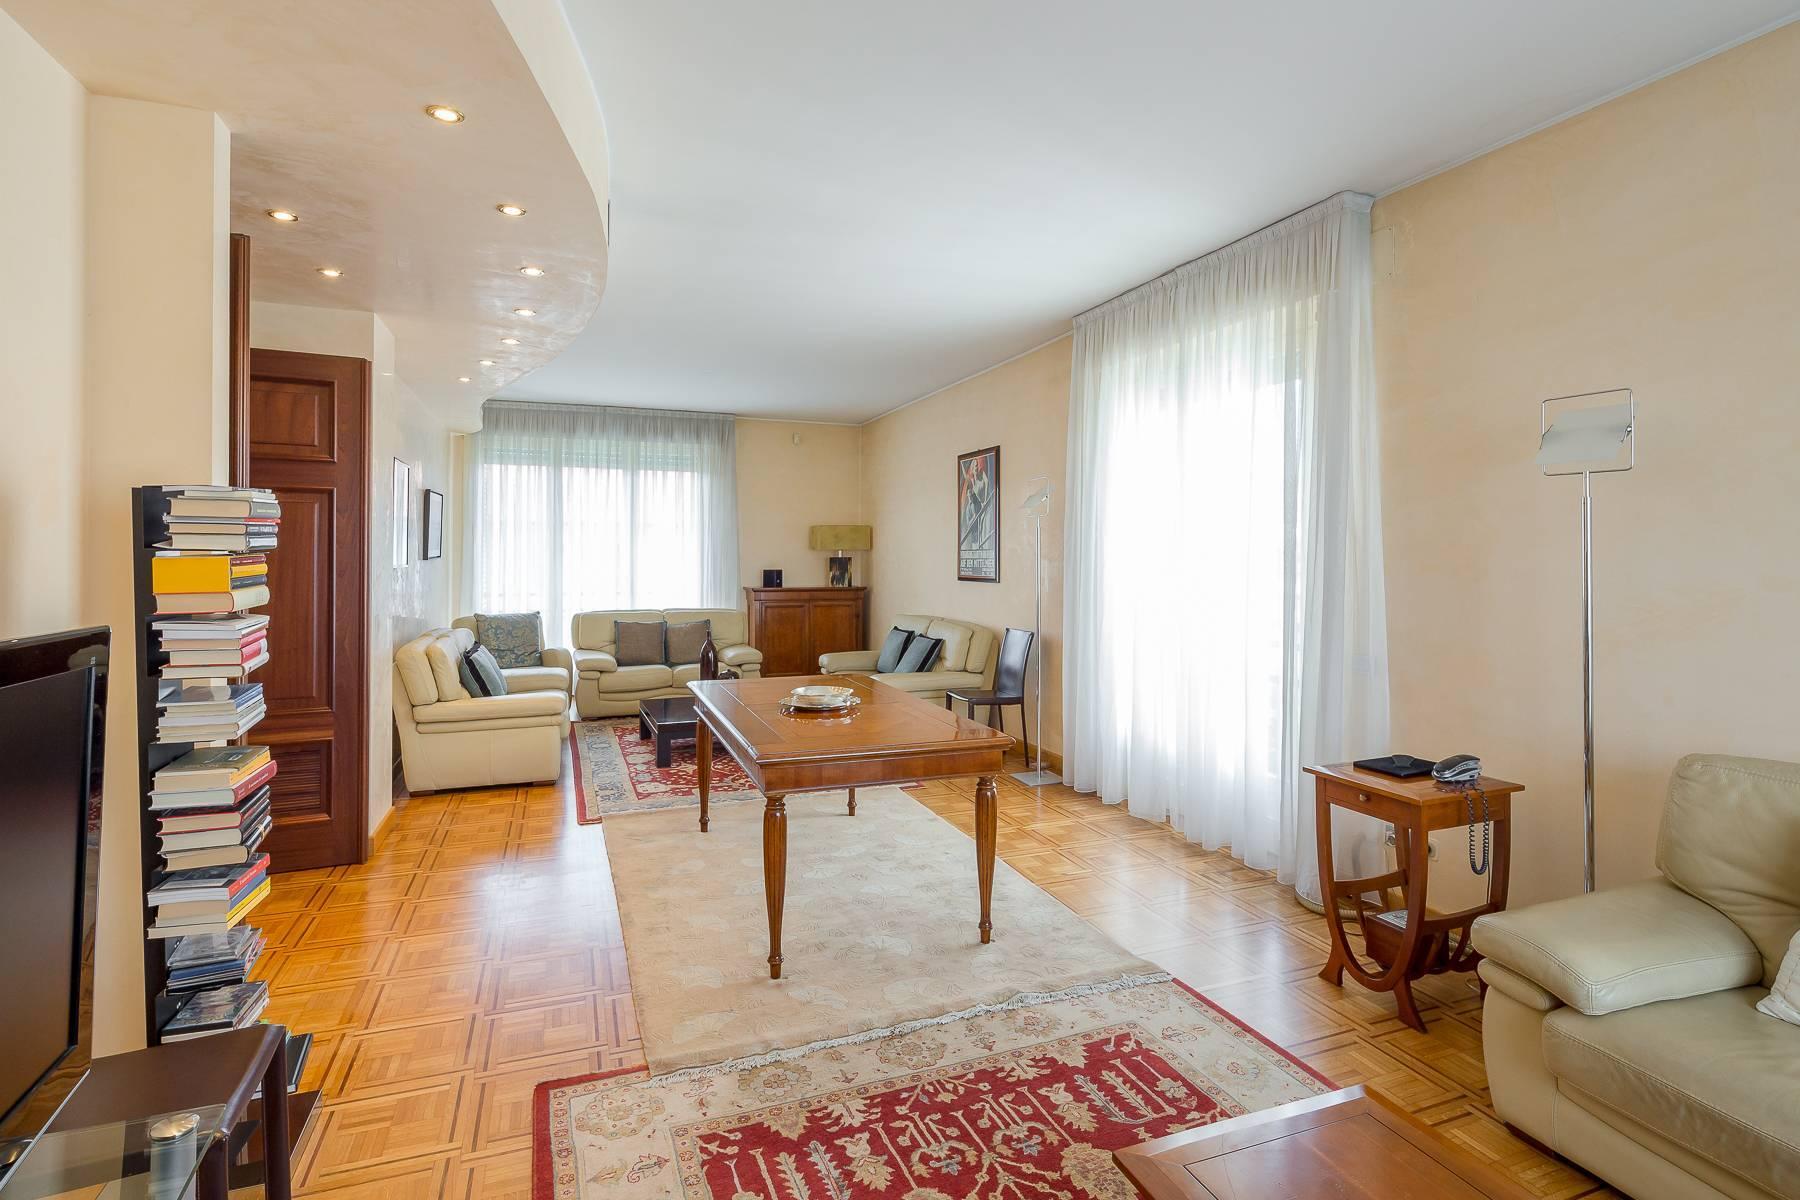 Schöne möblierte Wohnung im Buonarroti Stadtviertel - 3